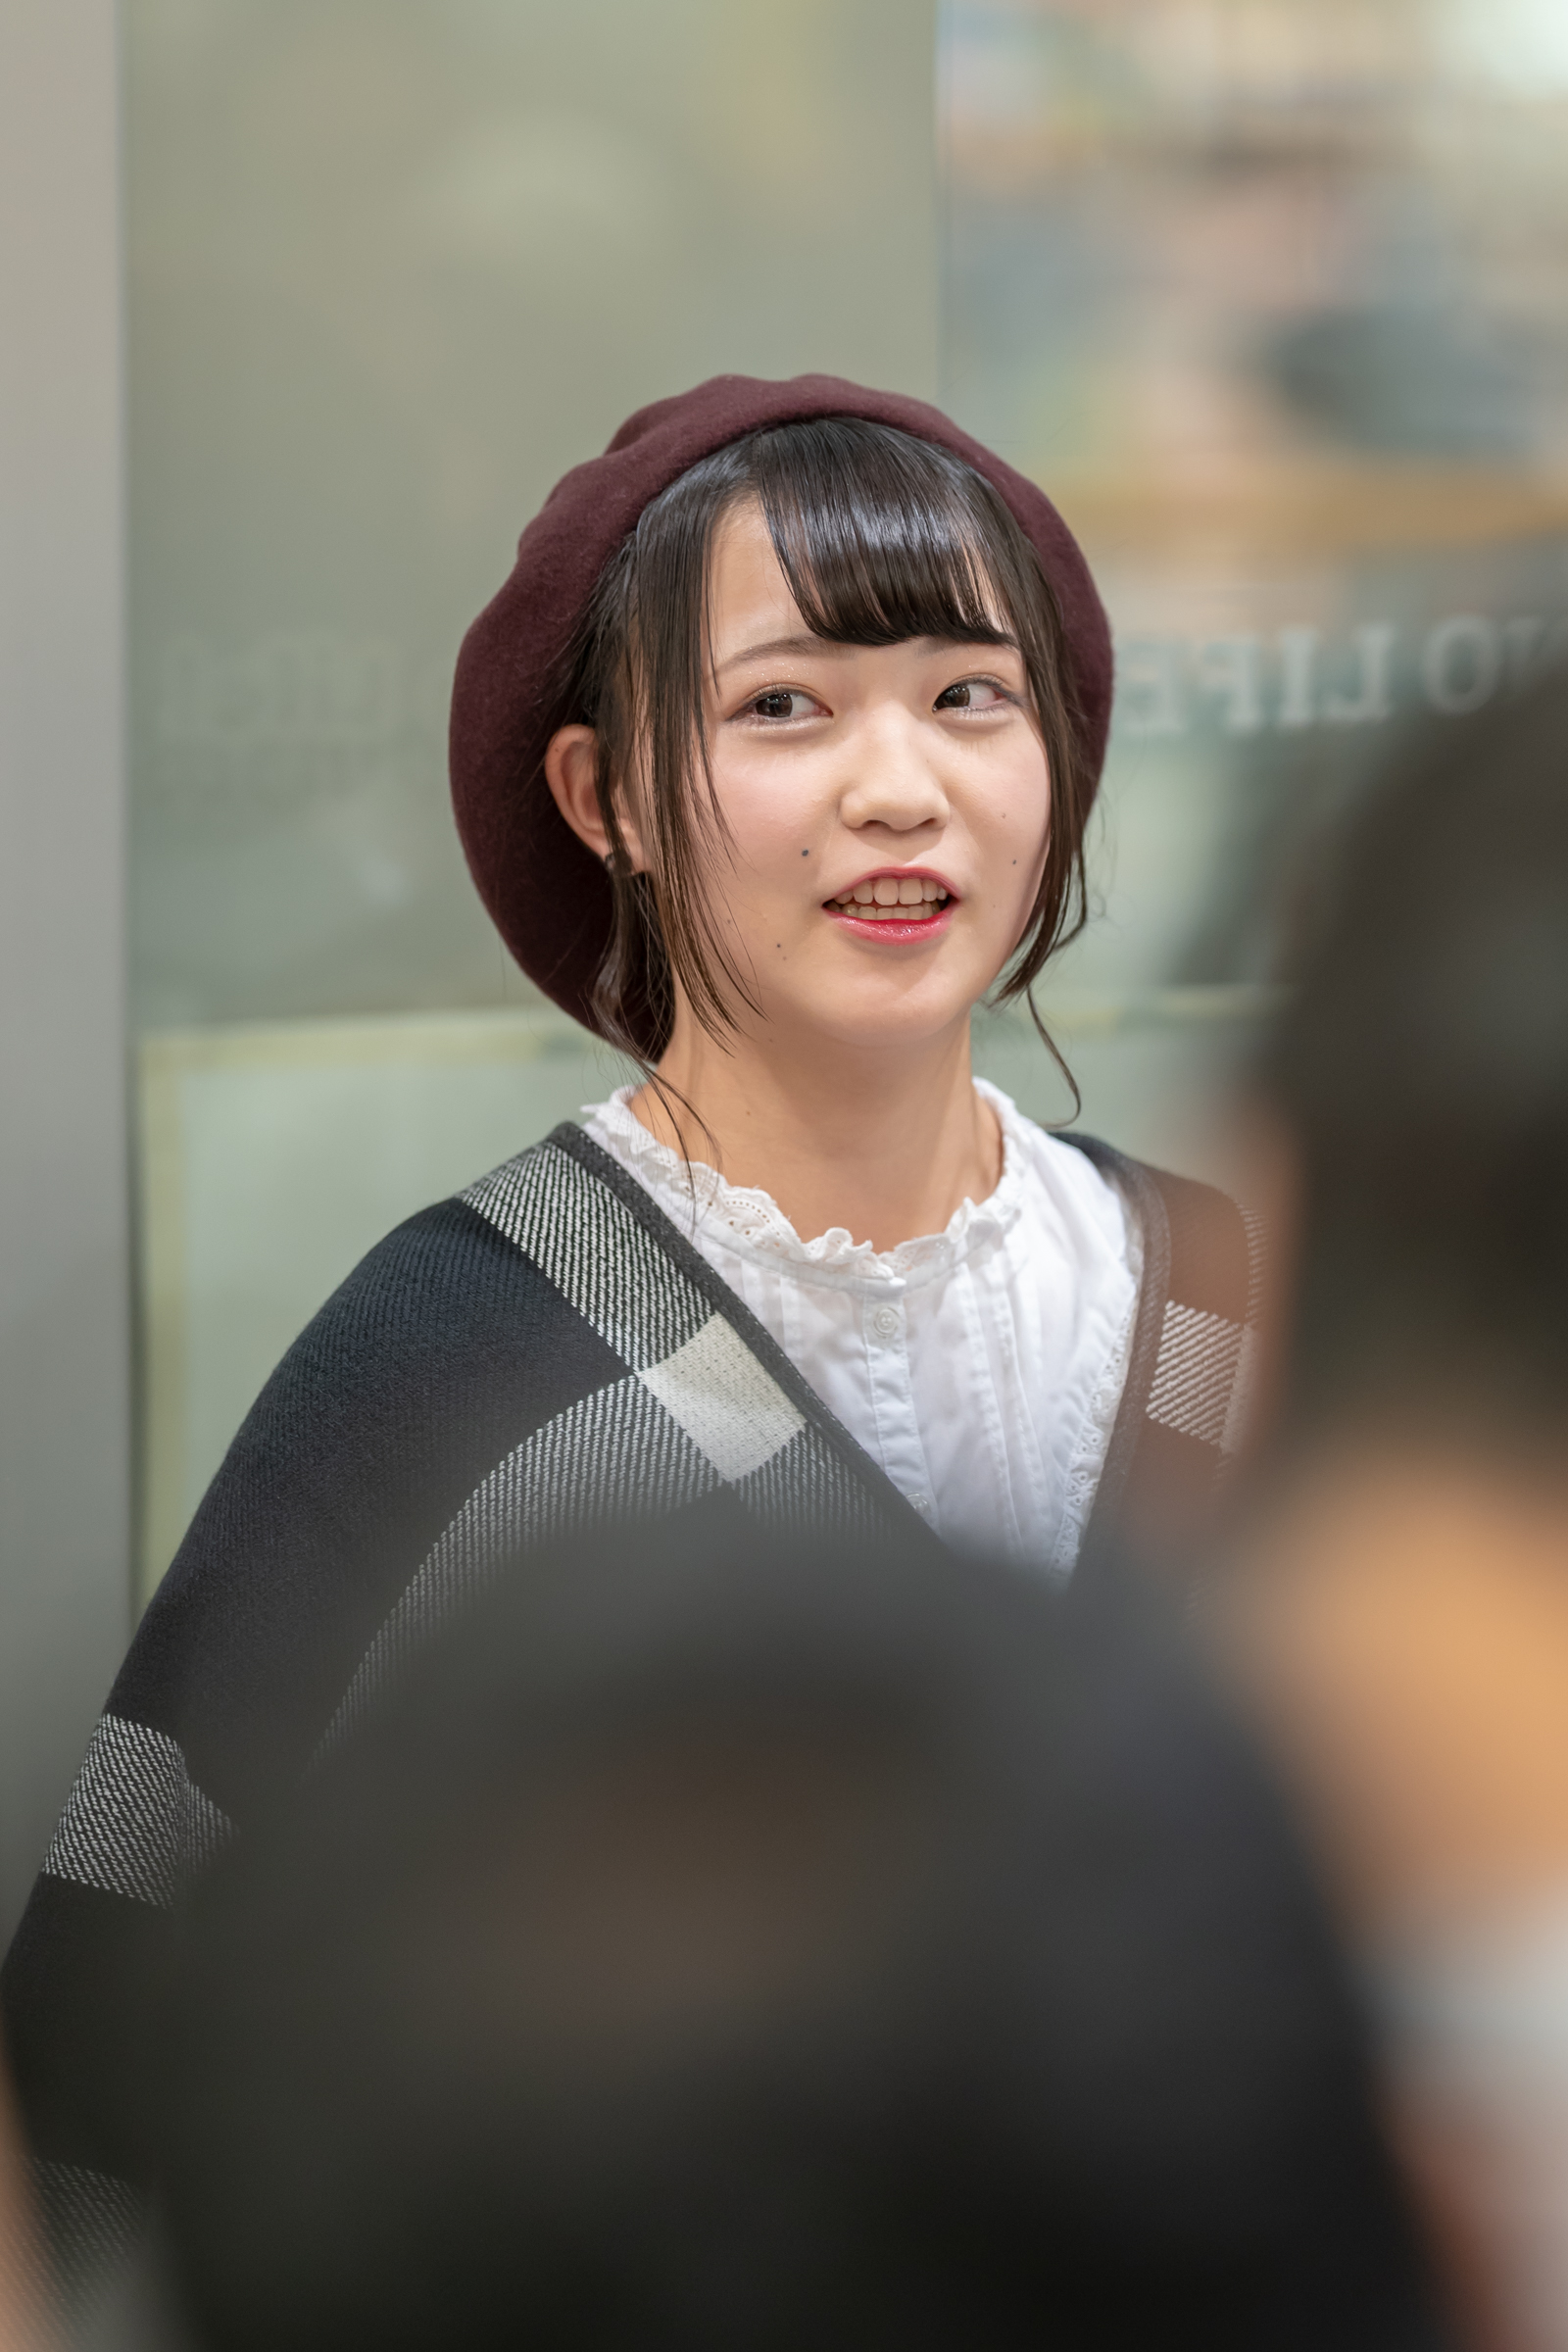 フルーティー♡ きょうか ( 宮崎杏花 ) | メジャーシングル第2弾「FRONT LINER」リリースイベント